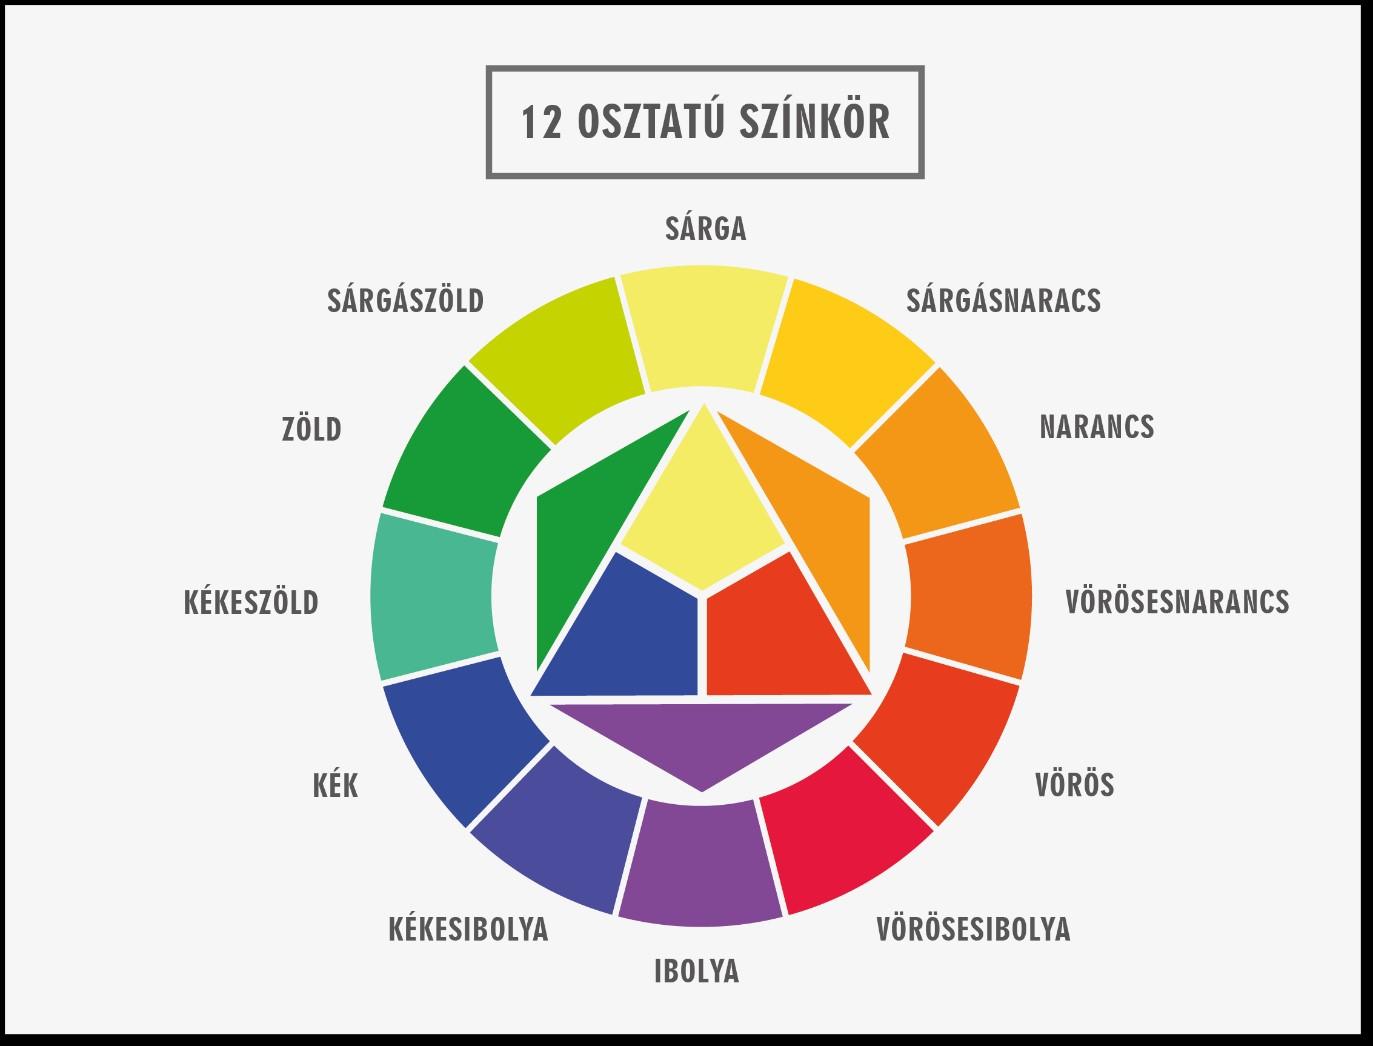 12 osztatú színkör - Itten alapján